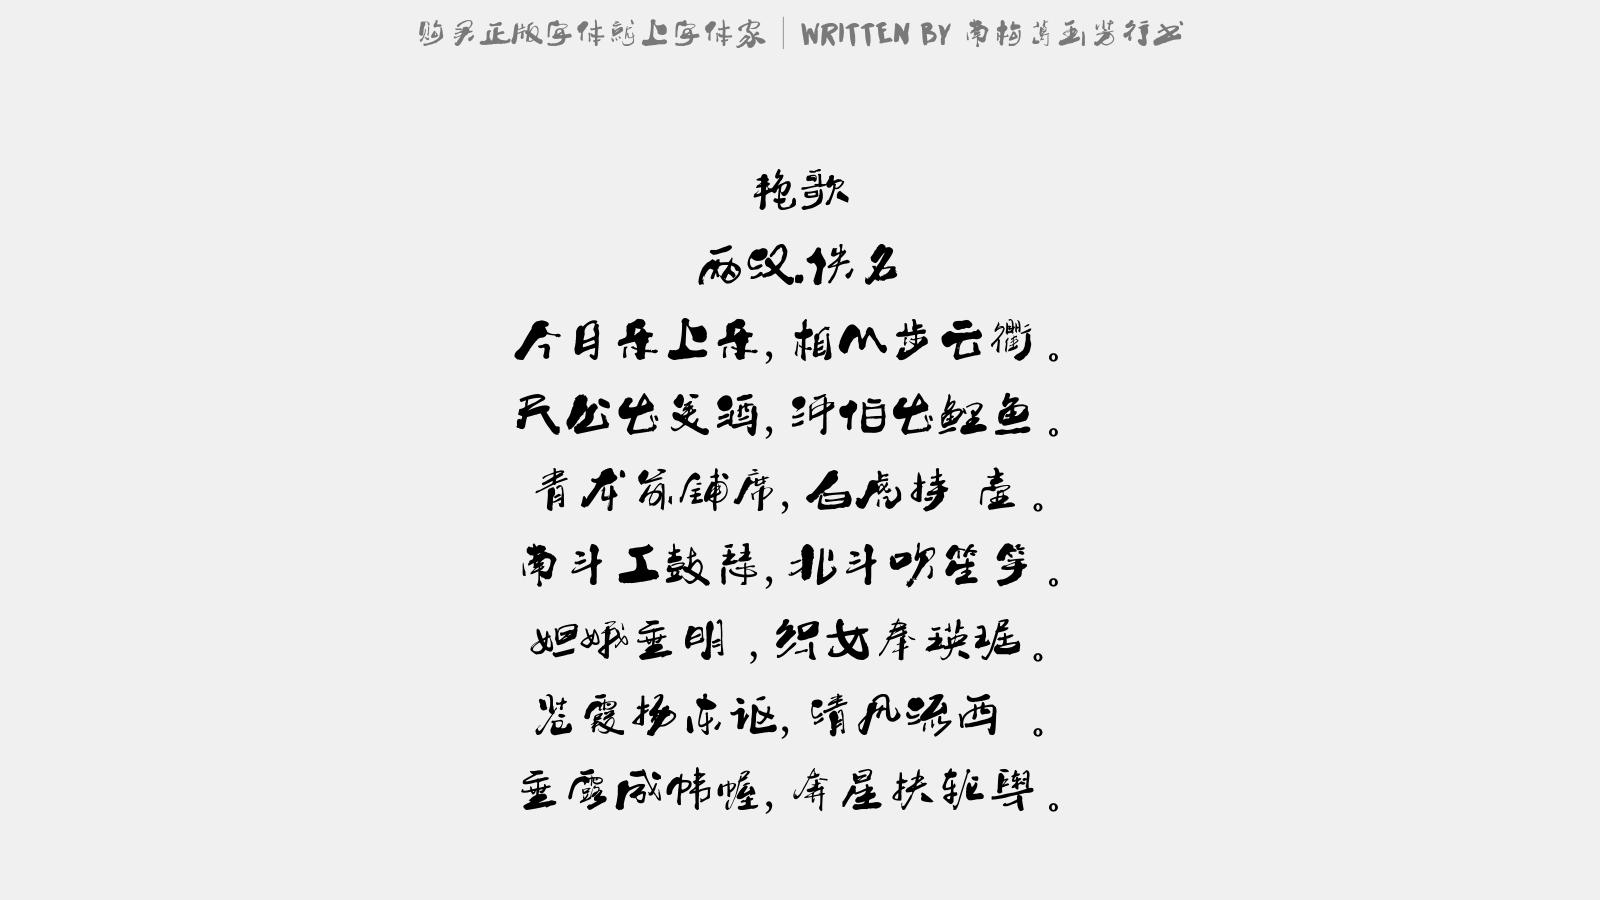 南構葛玉芳行書 - 卜算子(春景)